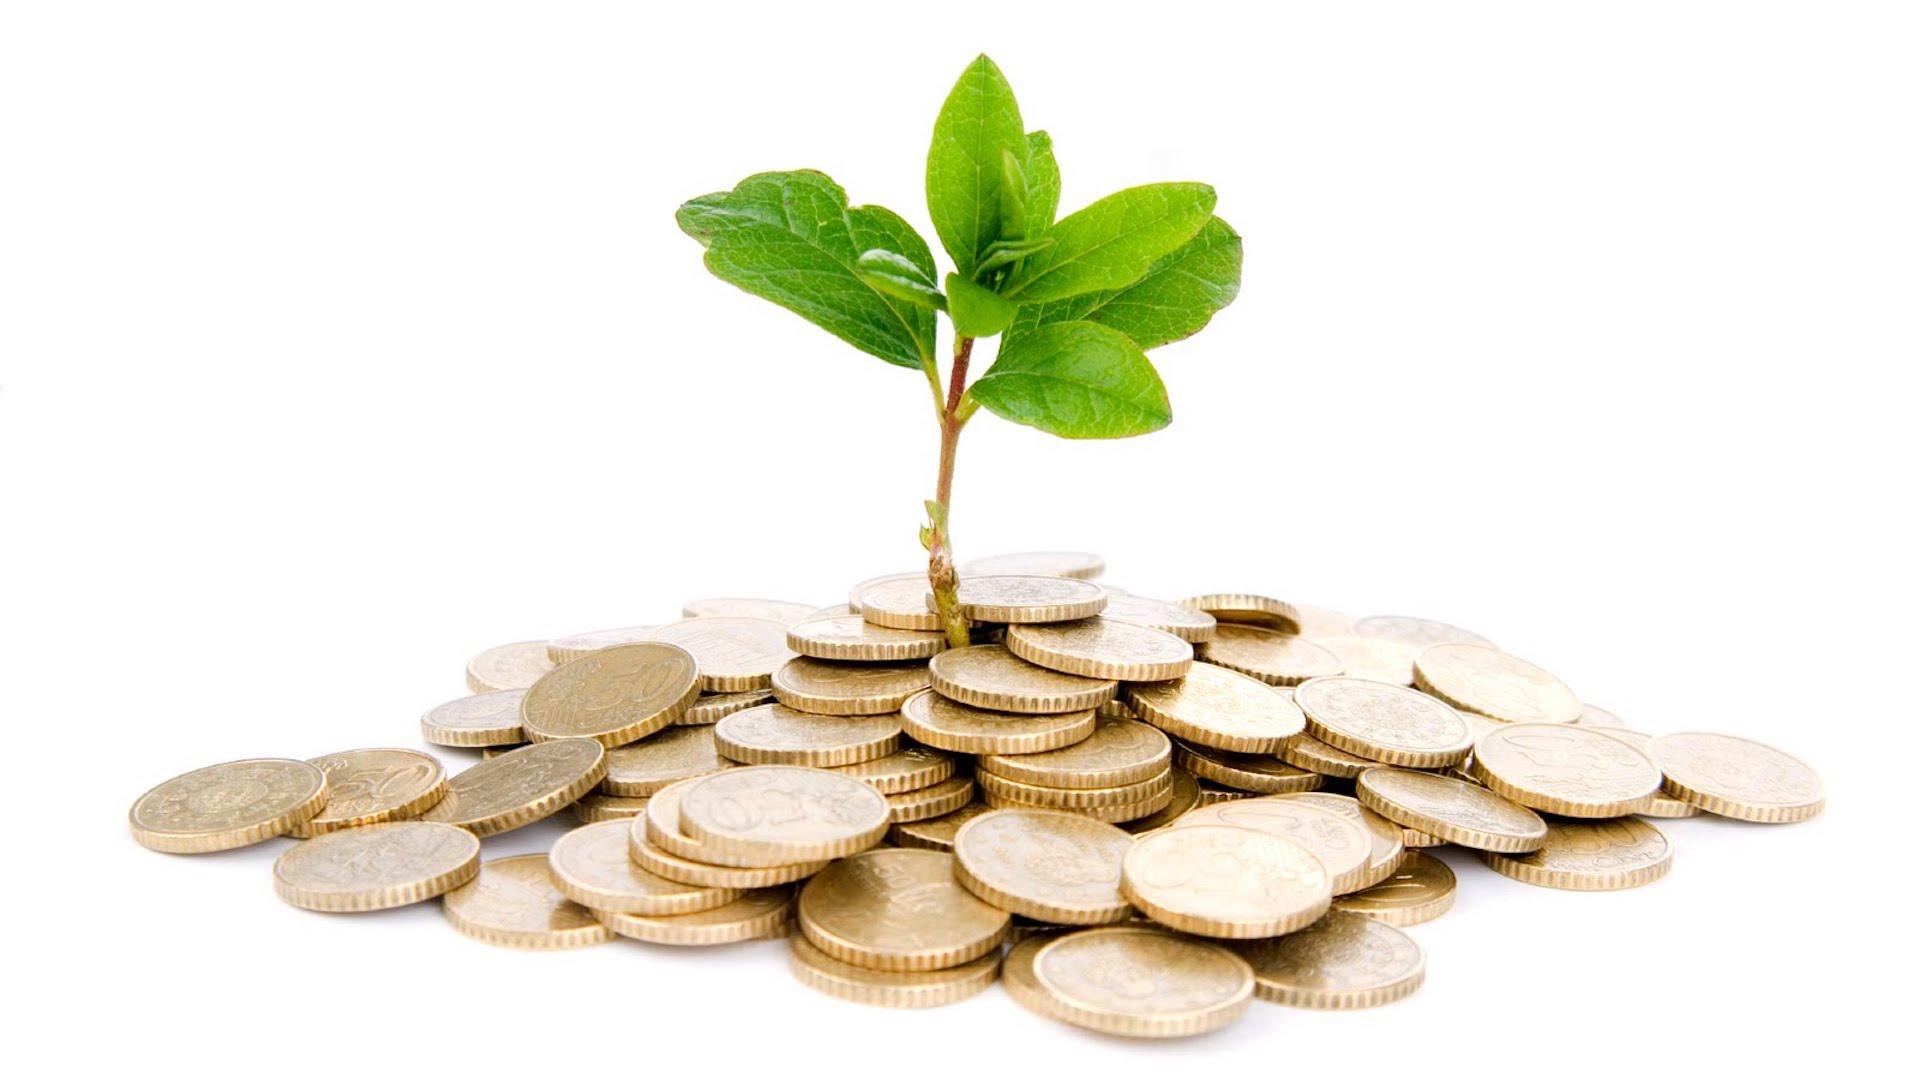 L'économie de marché finance-t-elle l'économie du don ?